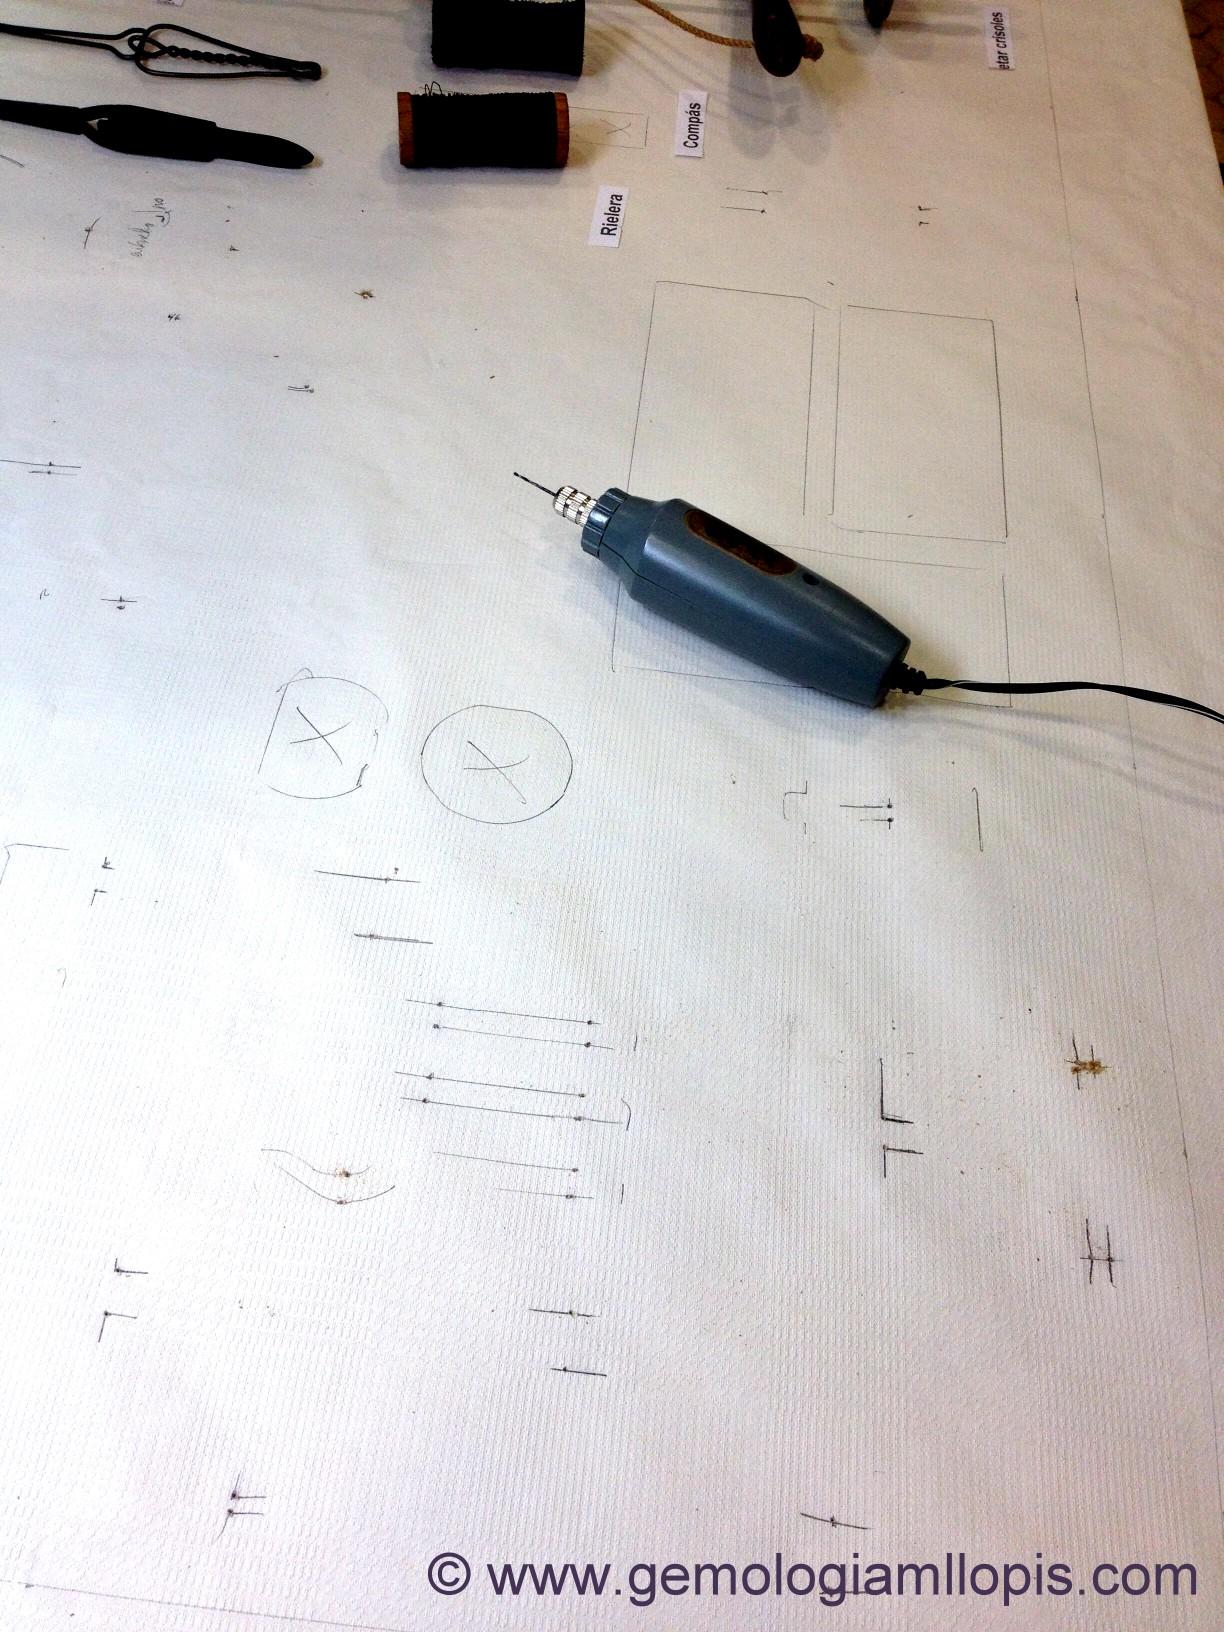 Con un taladro de mano haciendo los agujeros para las sujeciones con hilo de latón.